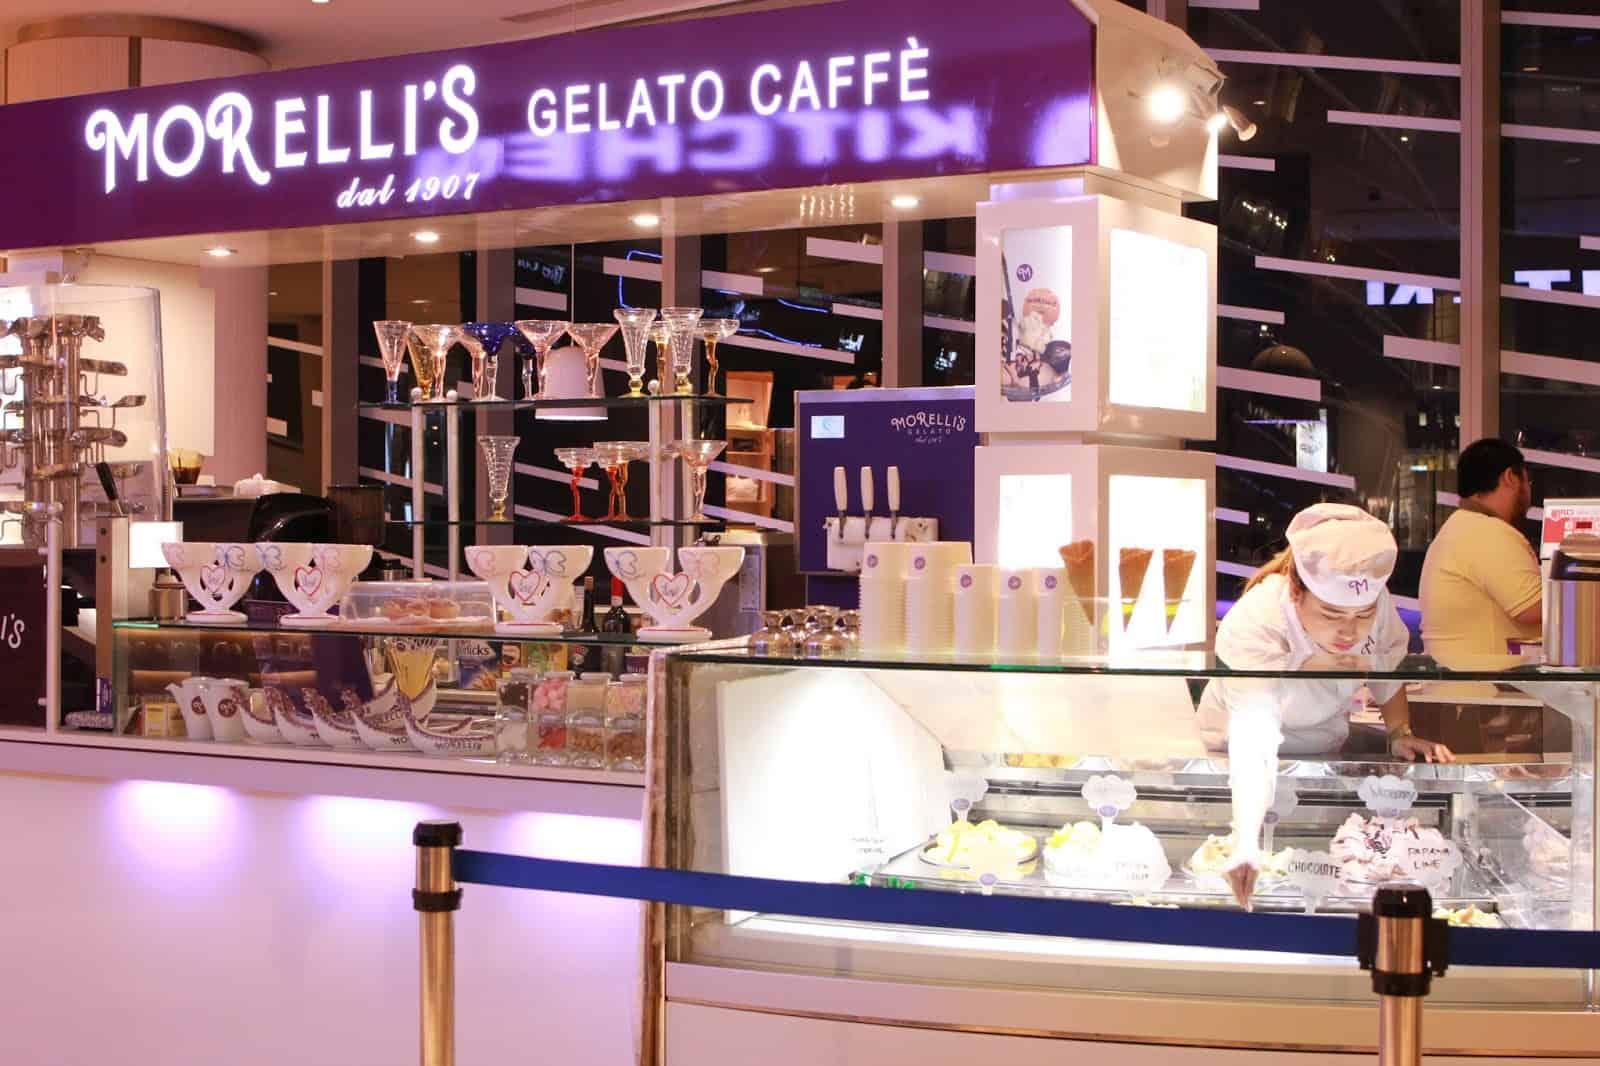 أفضل متاجر لندن للمثلجات morelli